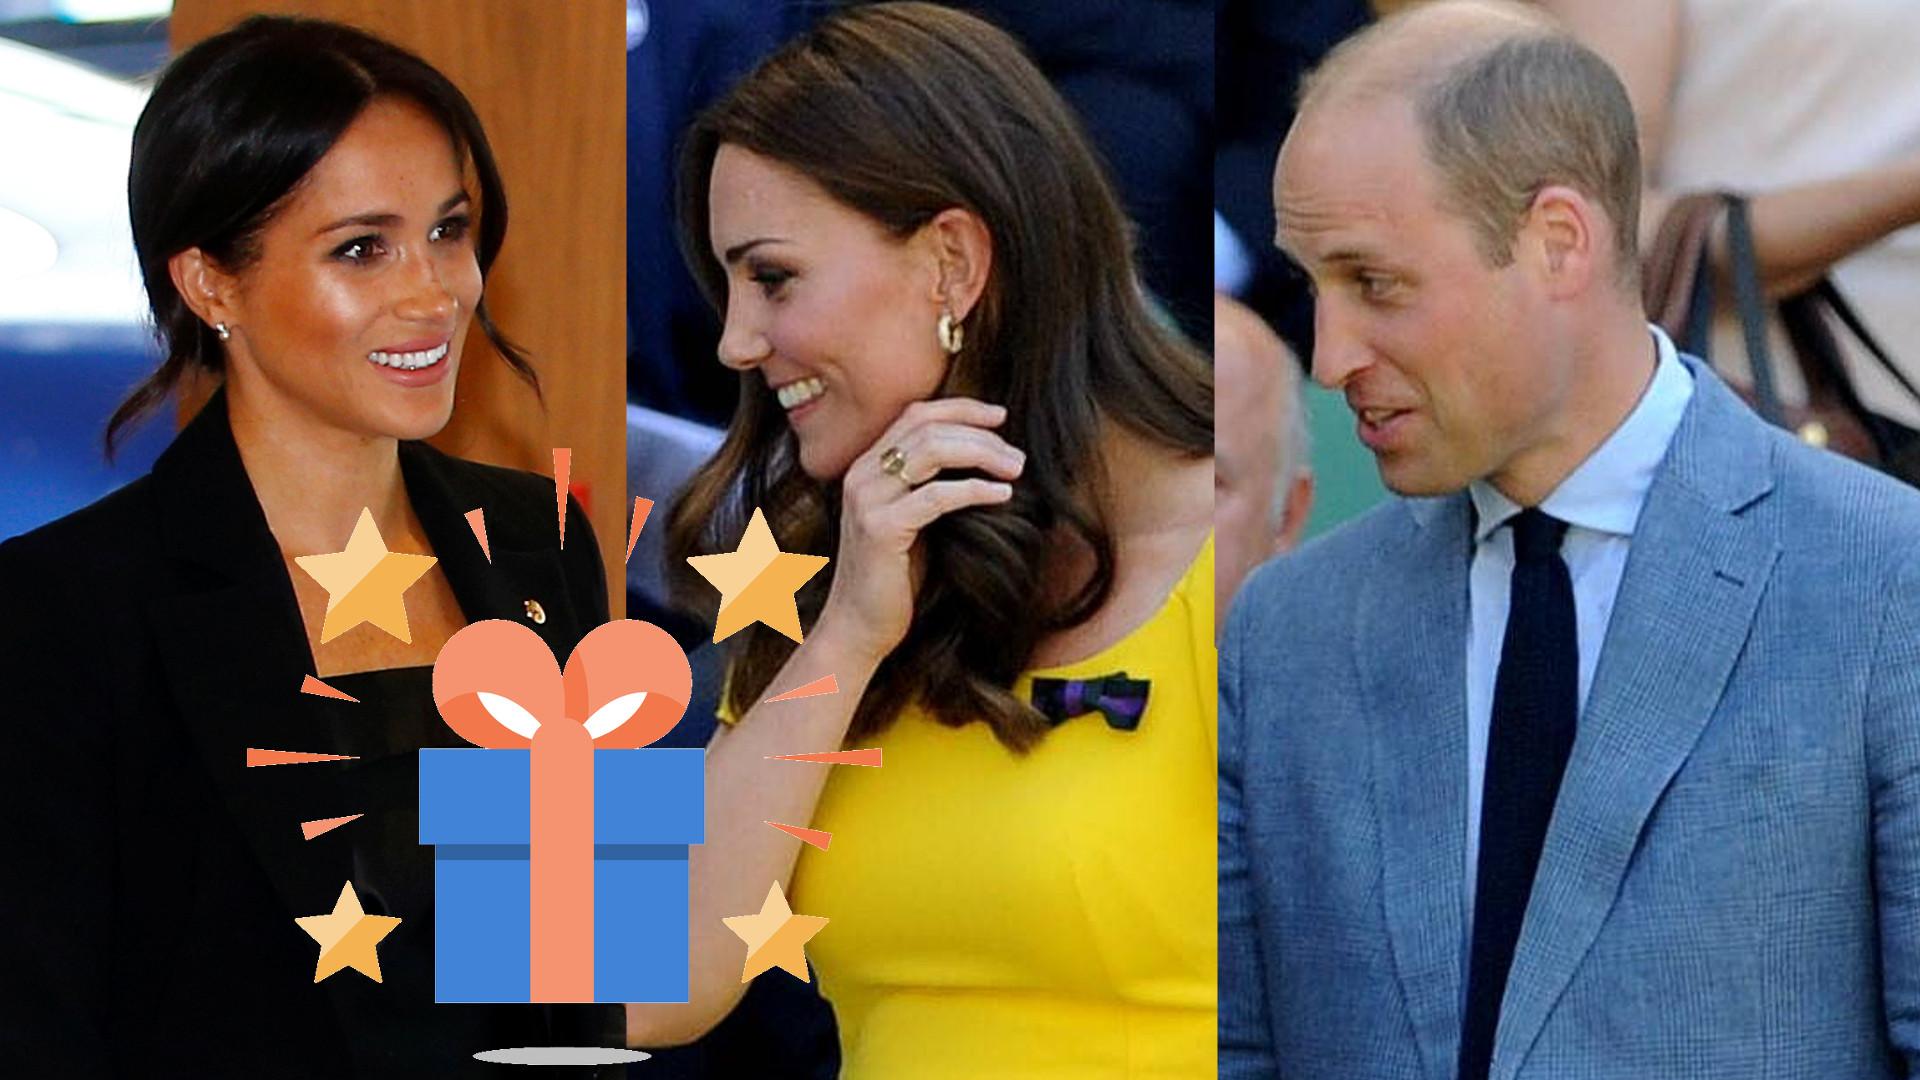 Rodzina królewska wręczy sobie NIETYPOWE prezenty świąteczne